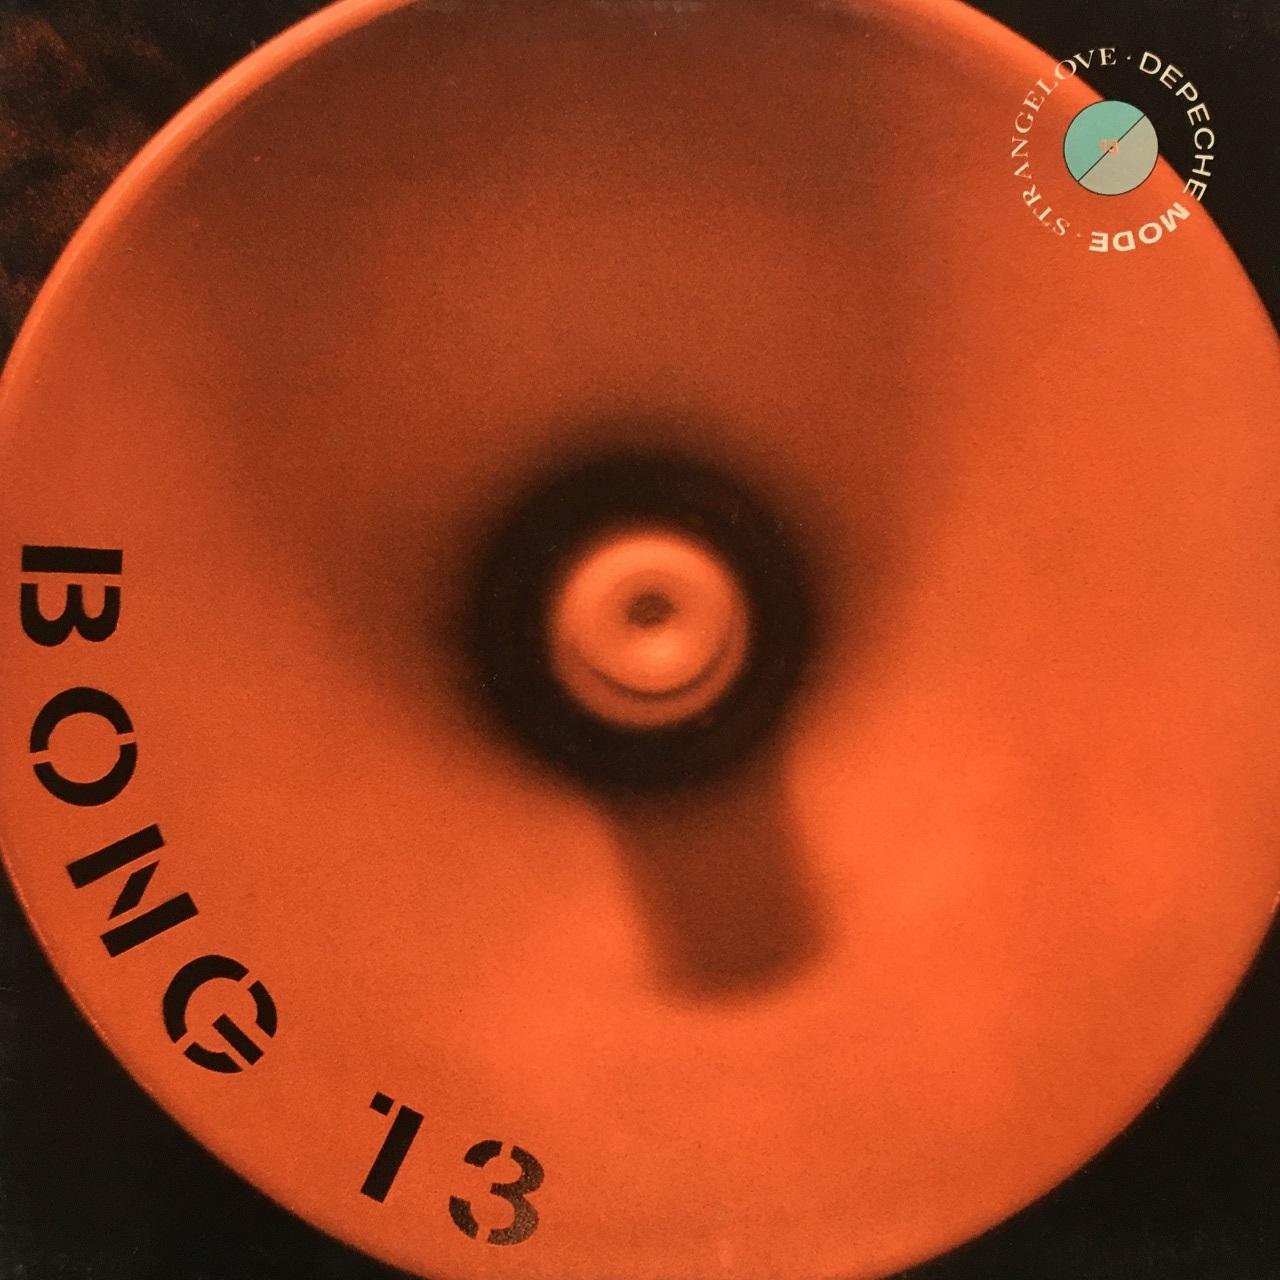 【12inch・英盤】Depeche Mode /  Strangelove (Maxi-Mix)